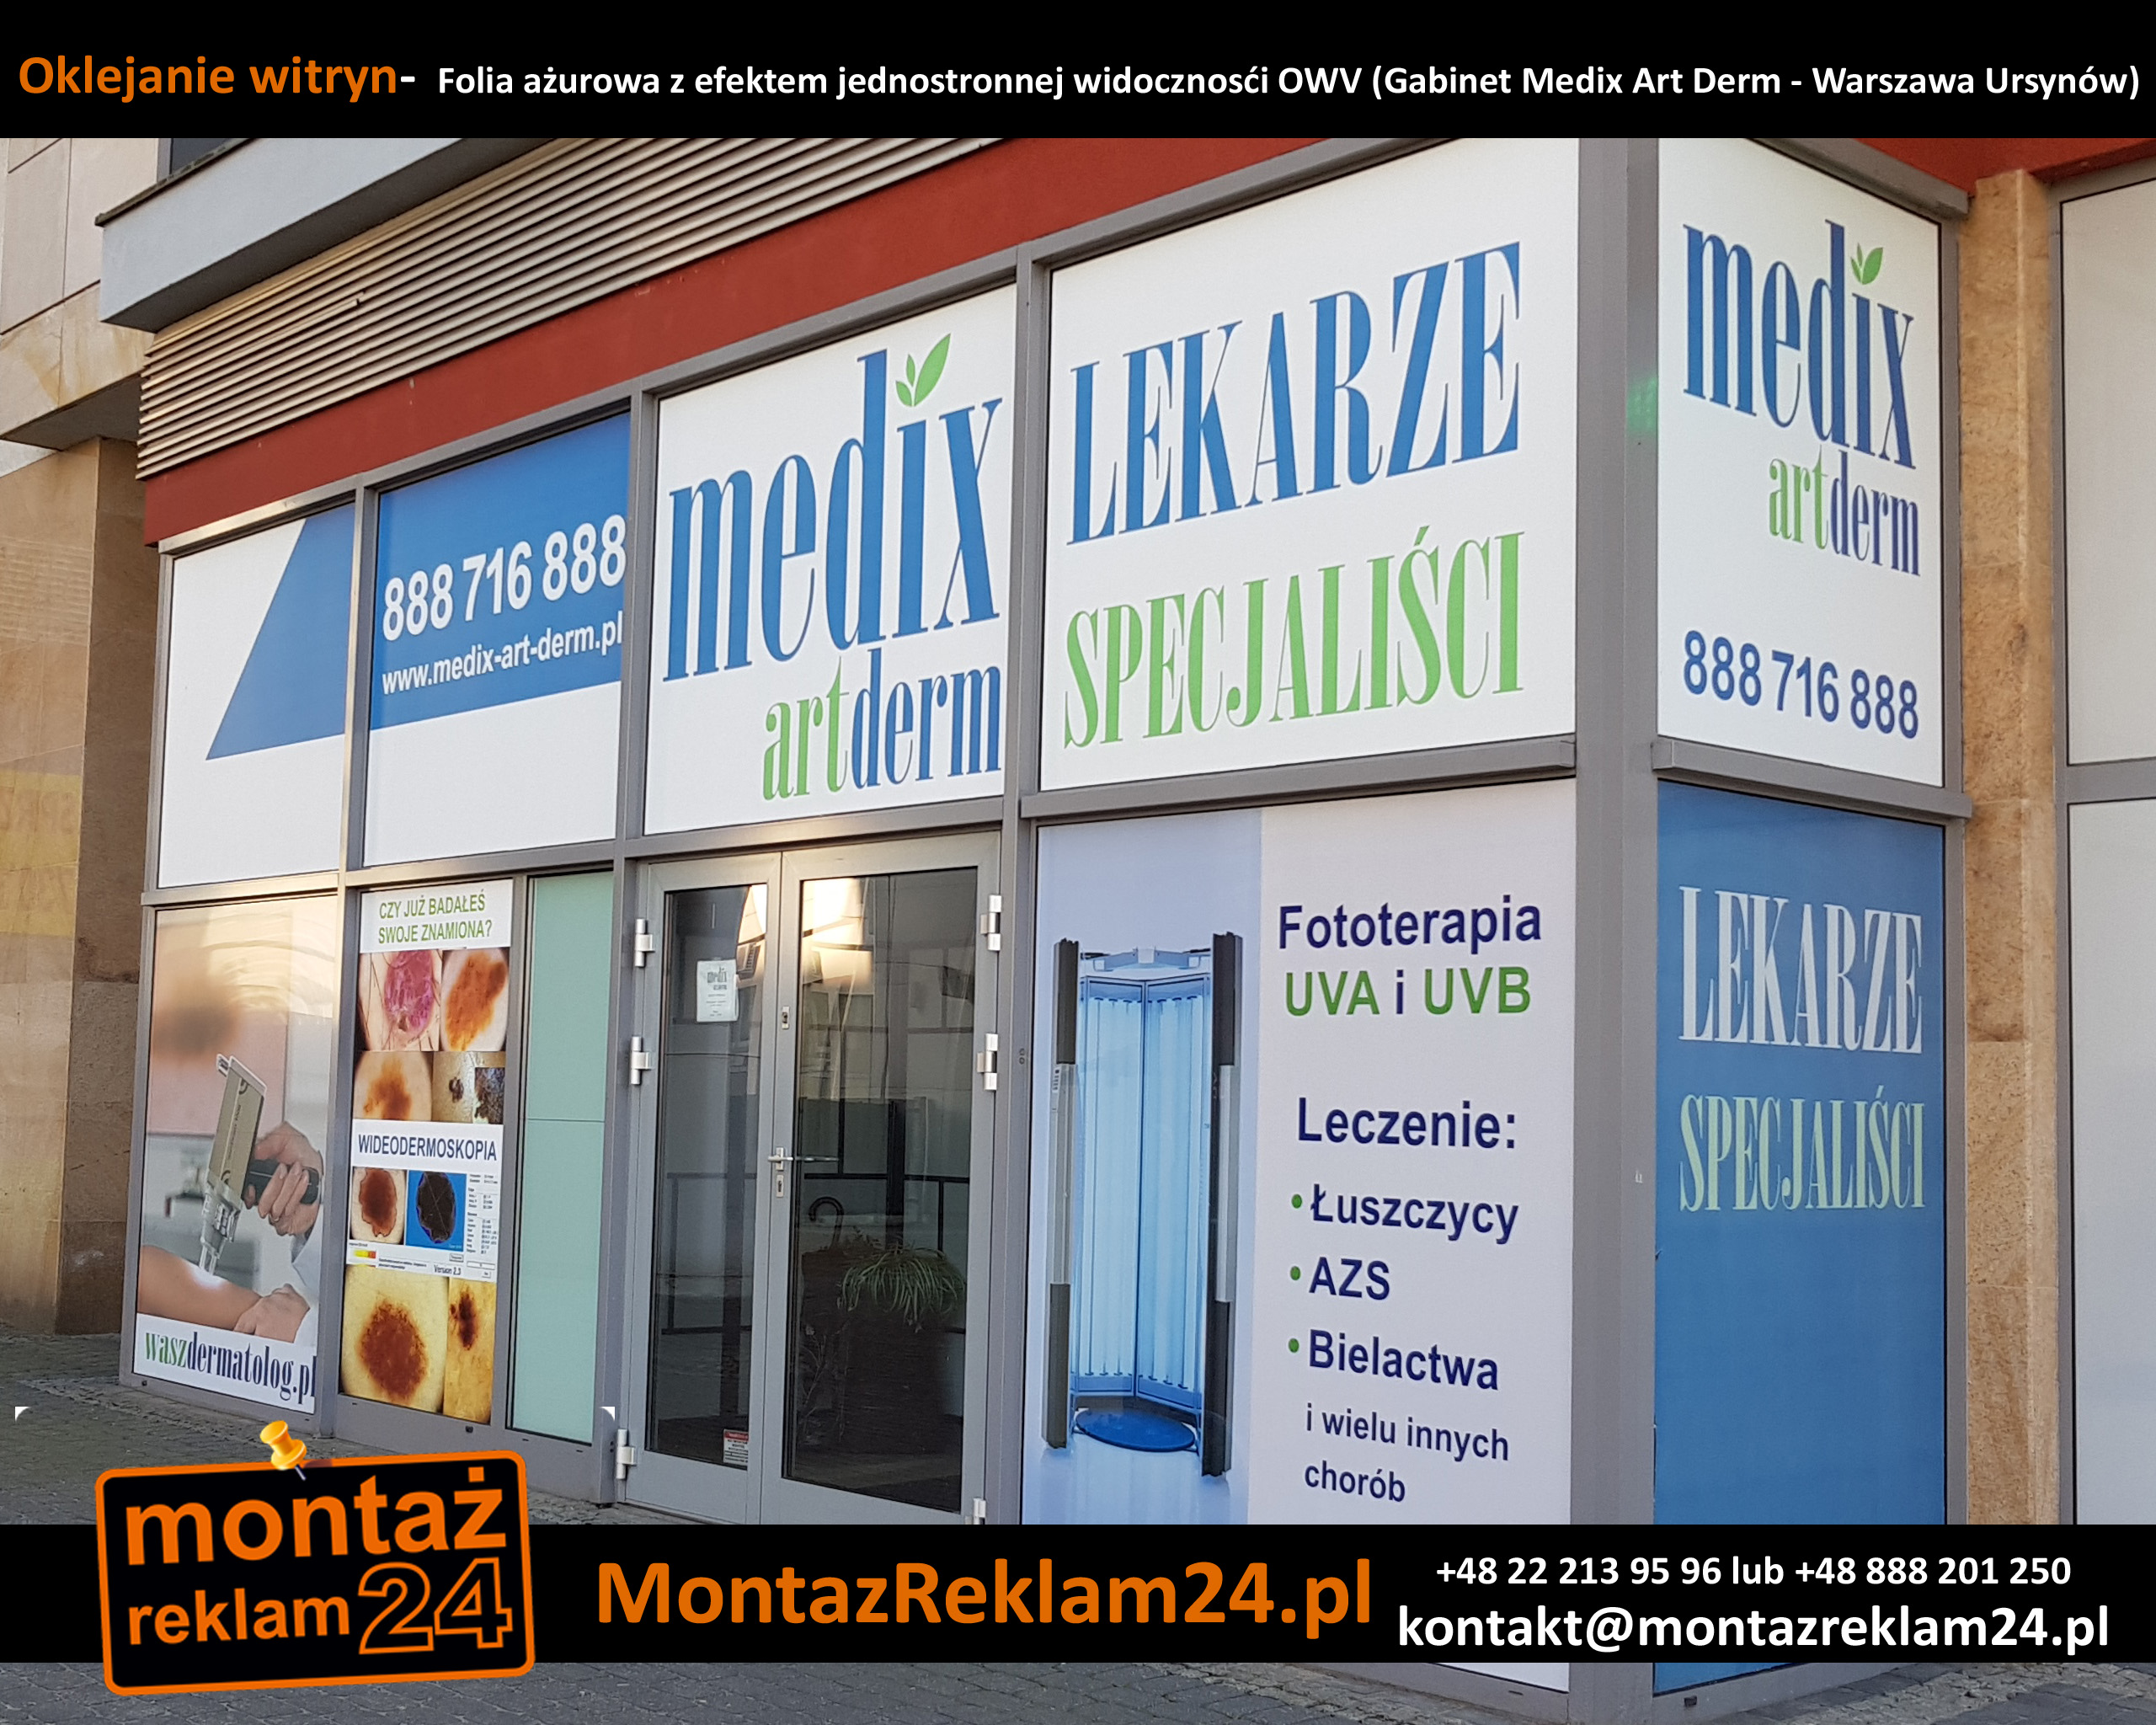 Oklejanie witryn-  Folia ażurowa z efektem jednostronnej widocznosći OWV (Gabinet Medix Art Derm - Warszawa Ursynów).jpg